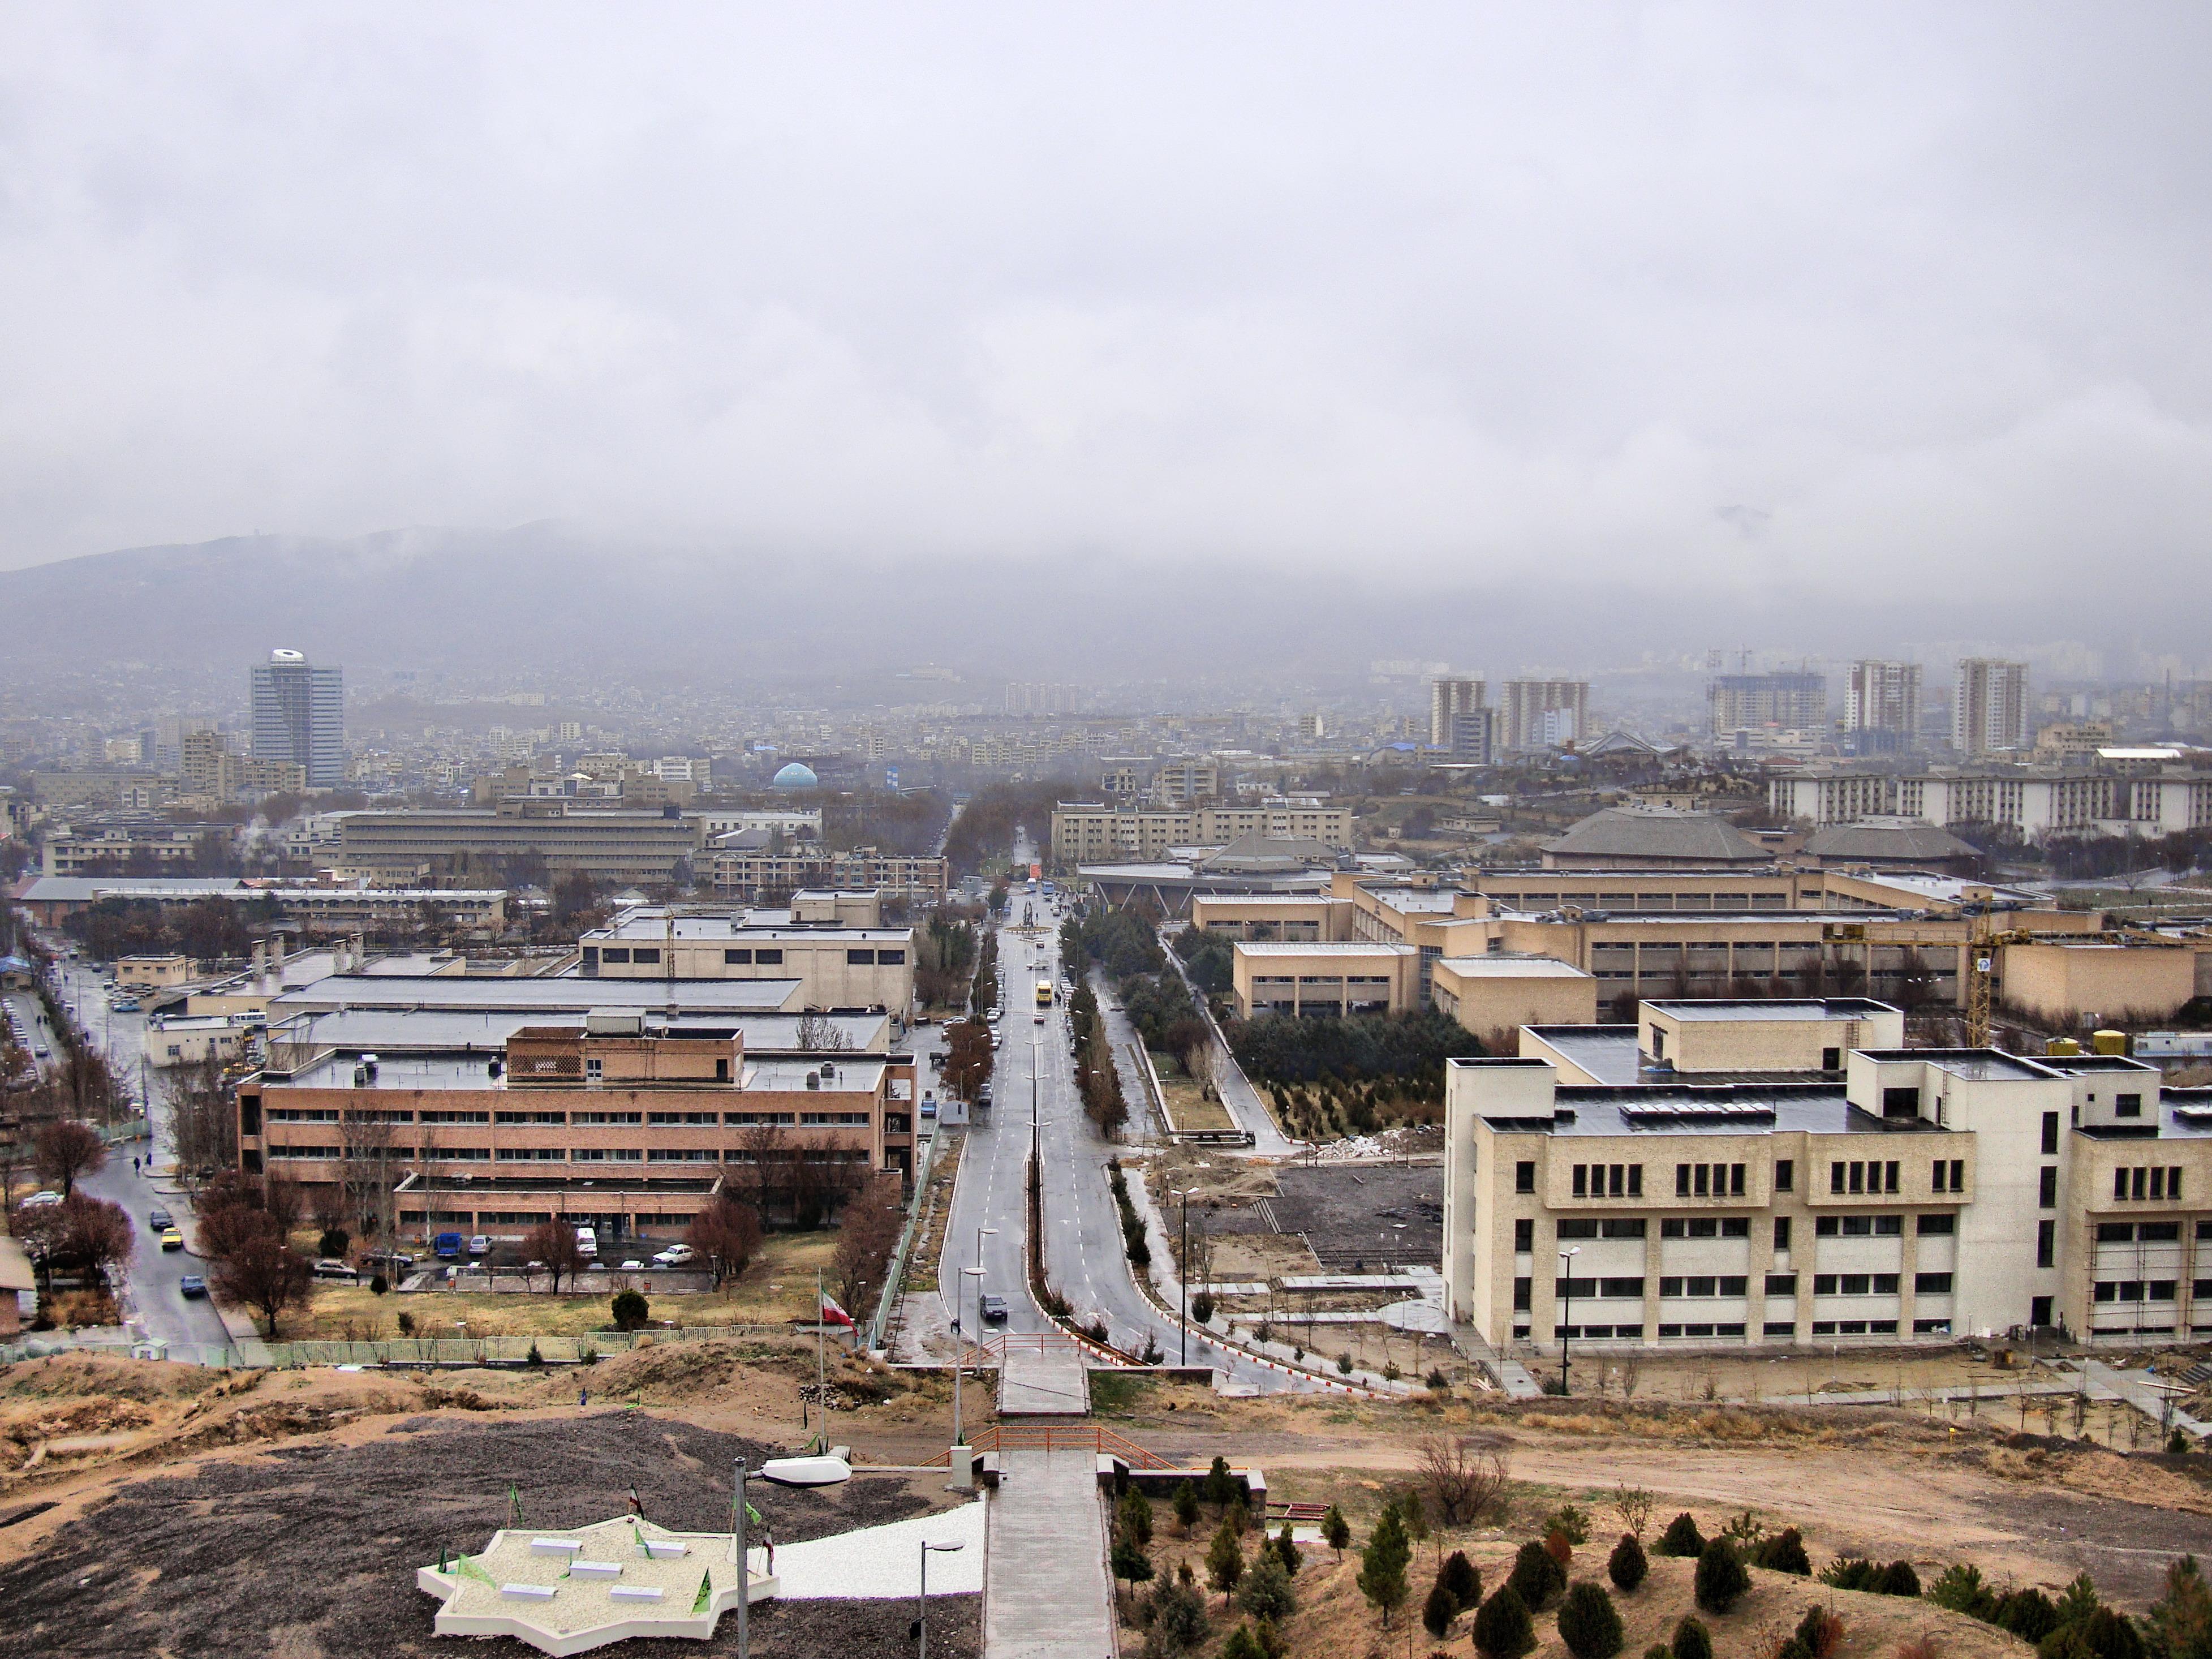 شرقی آذربایجاندا کورونایا یولوخانلارین ۲۸ فایزی ائو خانیملاریدیر